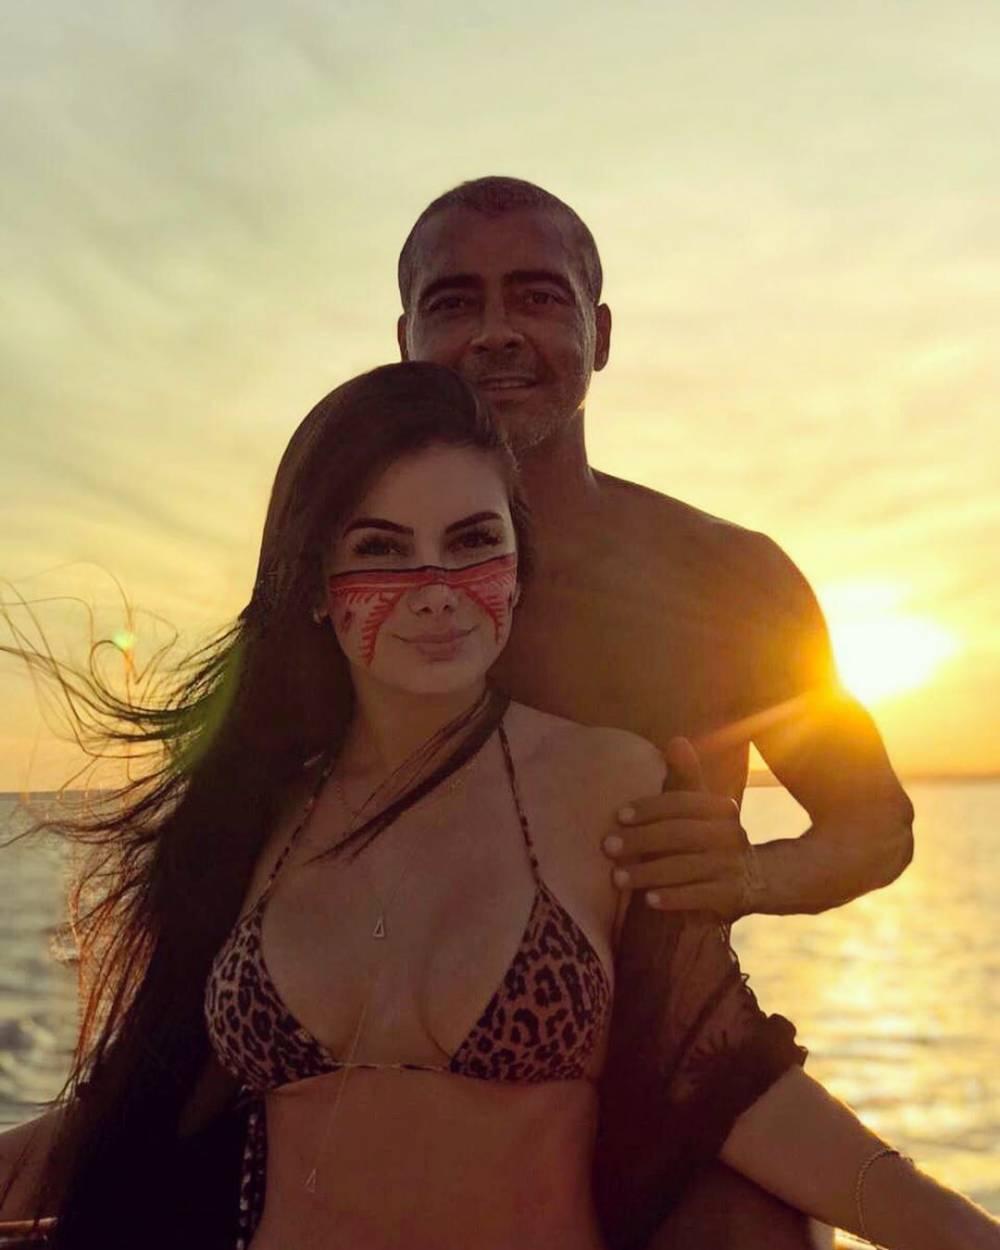 罗马里奥公布新恋情,对方是小他31岁的学生